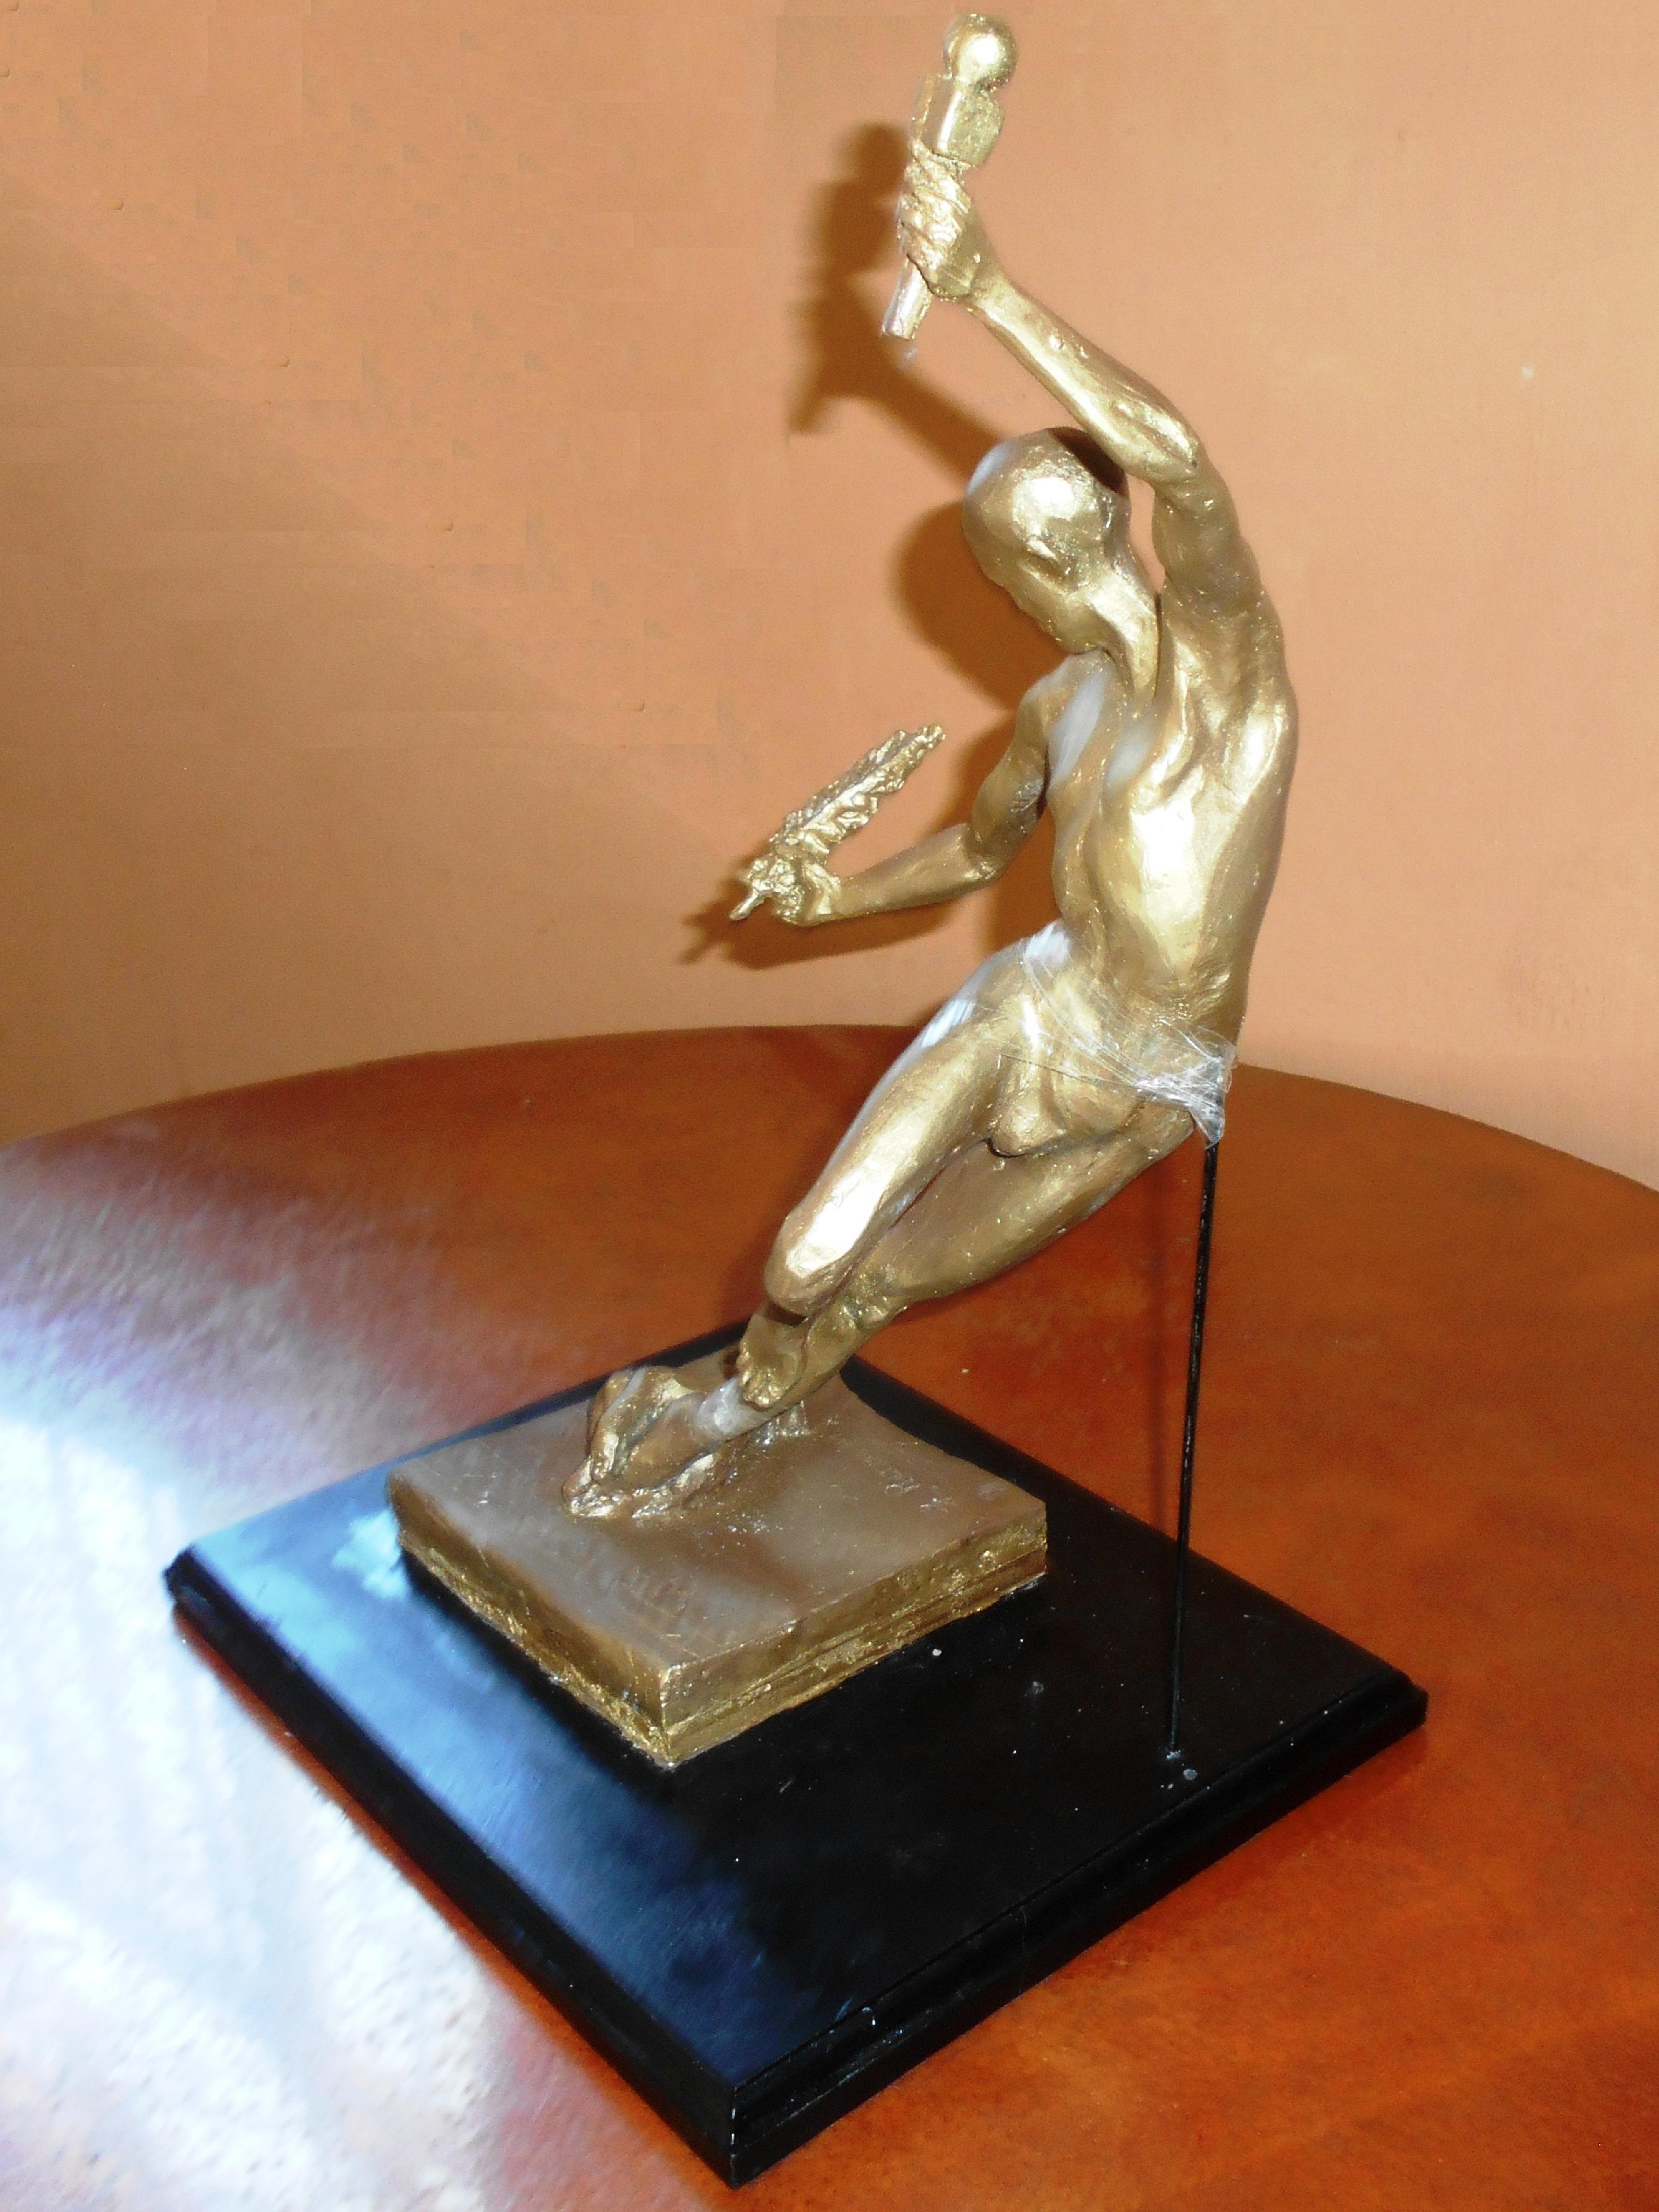 FOTOGRAFIA de escultura propuesta por AMIPAC obra de Retana - de perfil